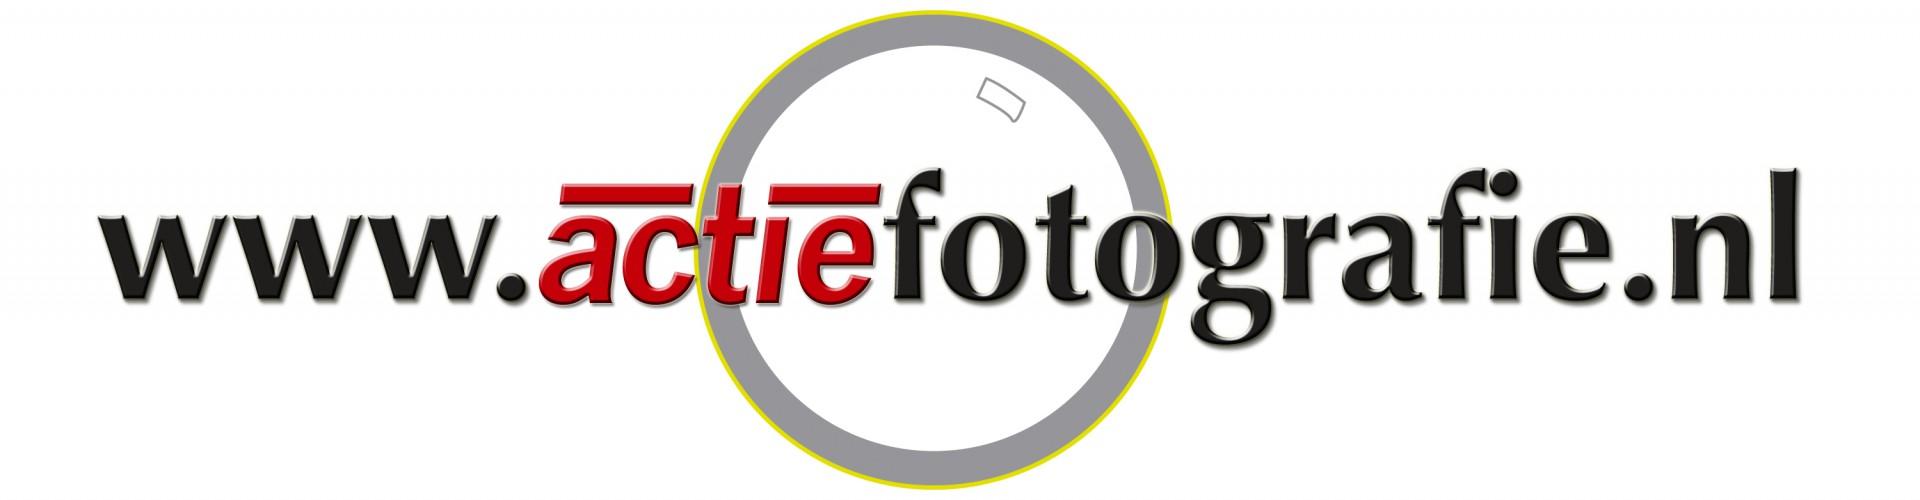 Actiefotografie.nl